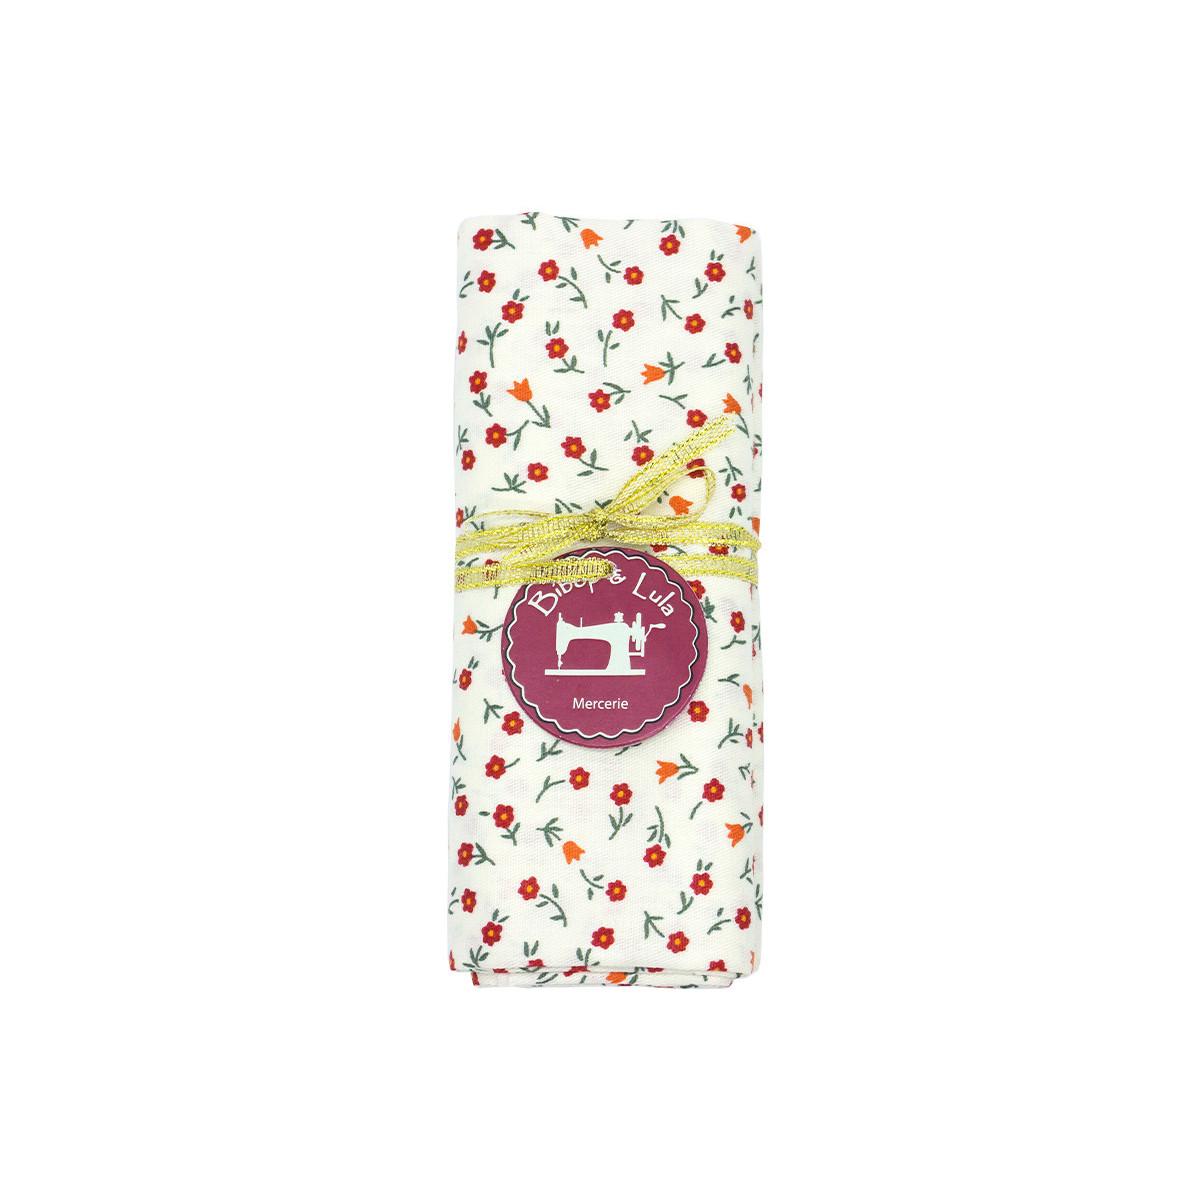 coupon tissu coton blanc parsemé de petites fleurs rouges